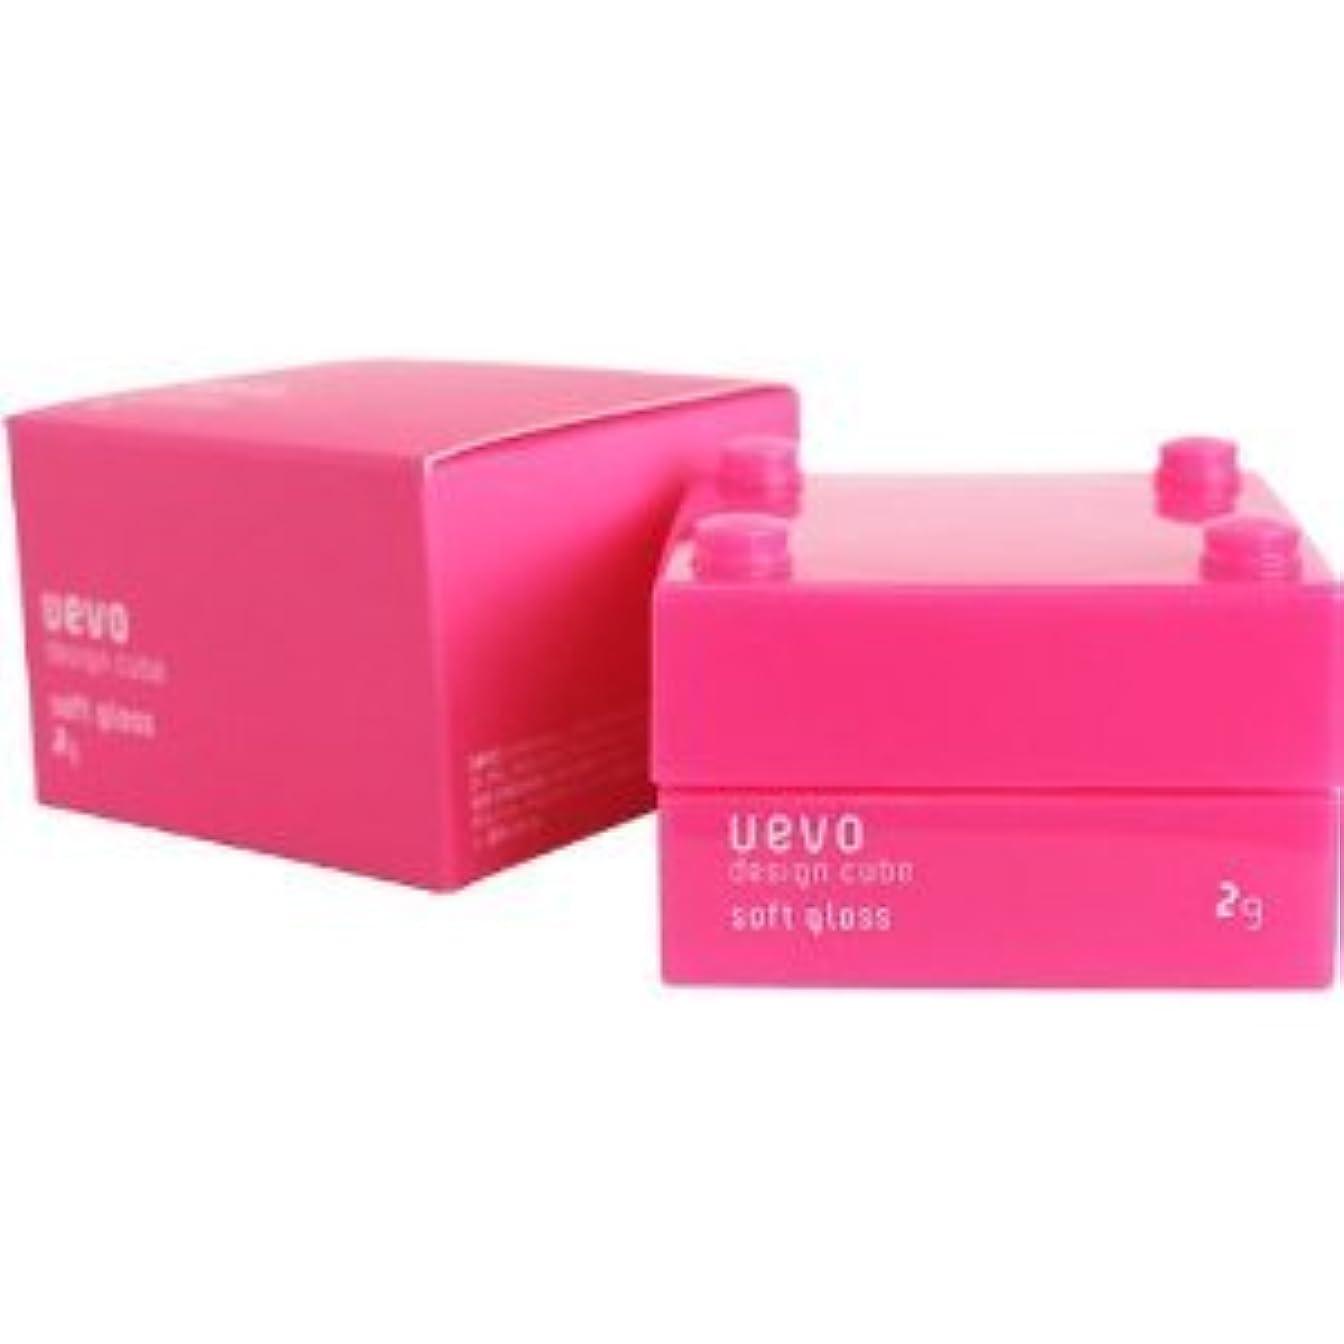 これらリクルート買う【X3個セット】 デミ ウェーボ デザインキューブ ソフトグロス 30g soft gloss DEMI uevo design cube